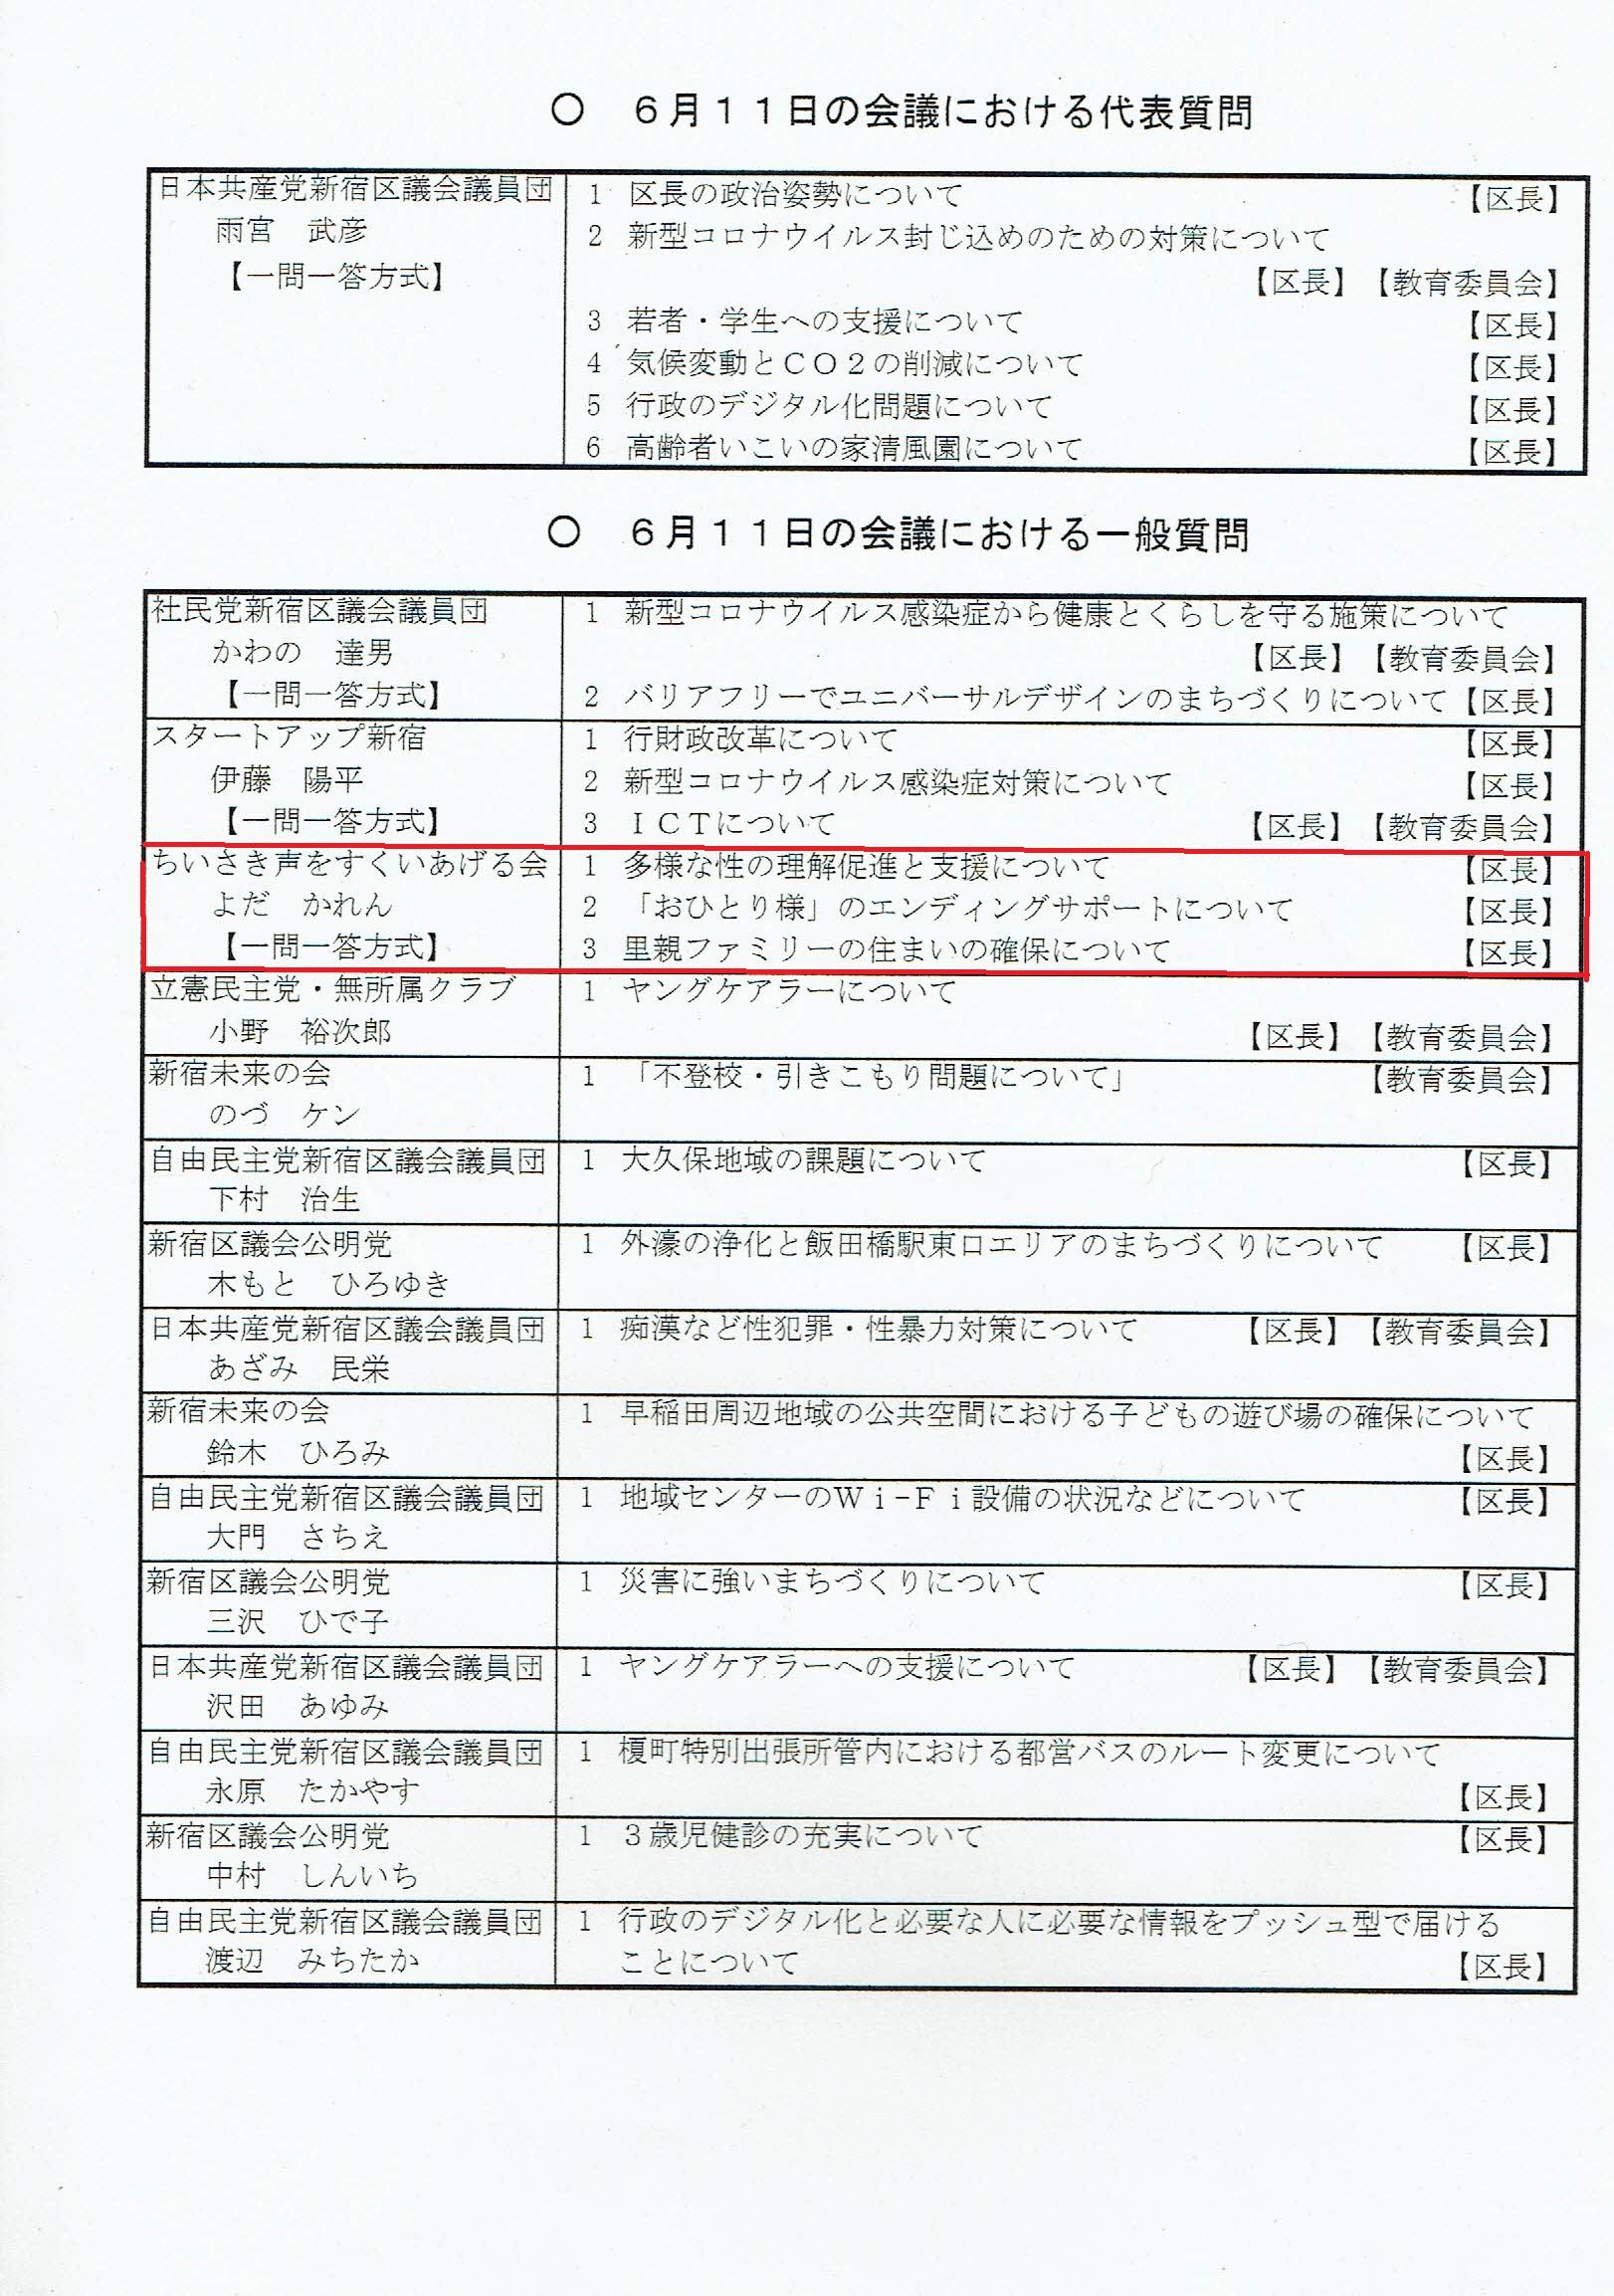 「新宿区議会 令和3年 第2回定例会登壇のお知らせですーーーッヽ(゚∀゚)ノ!」